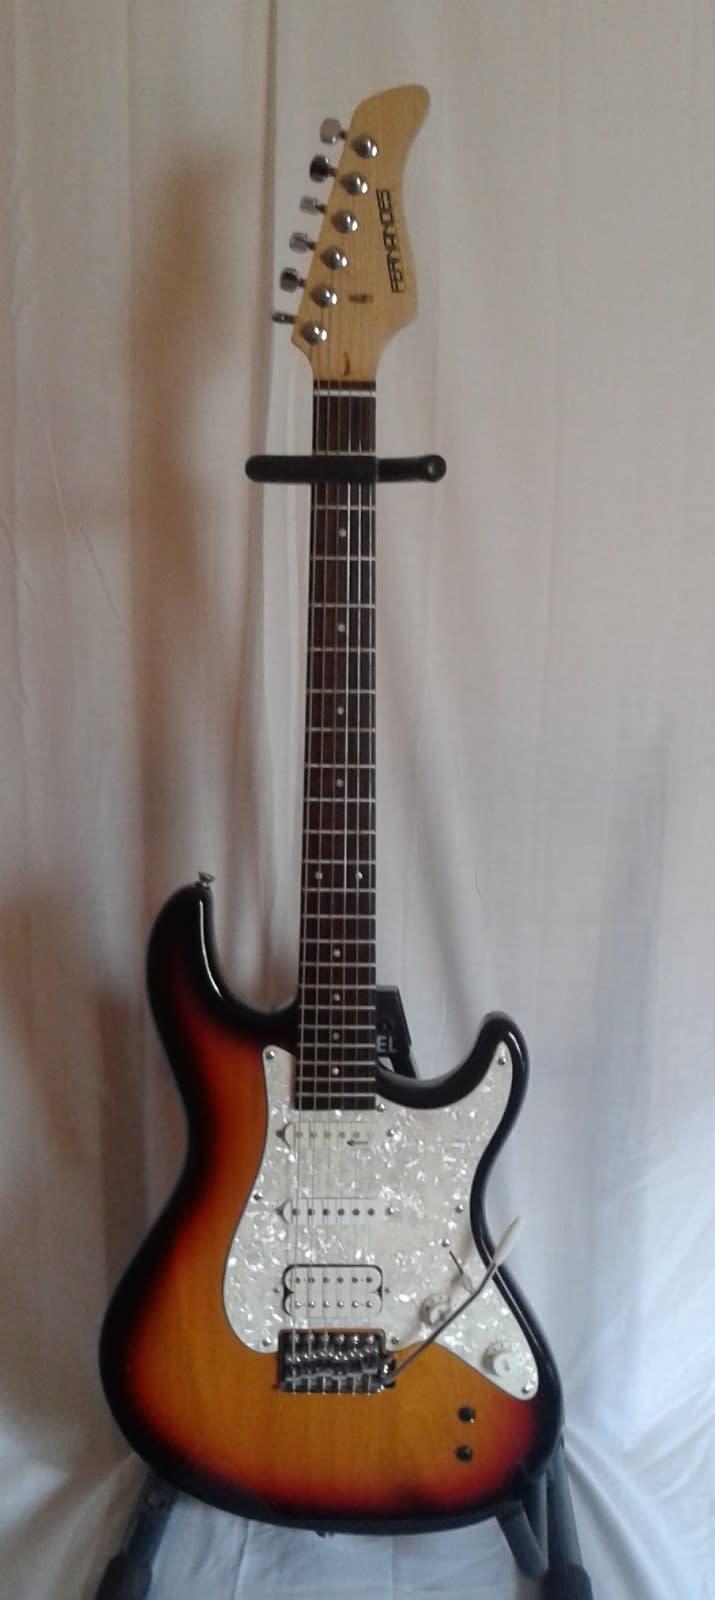 fernandes retrorocket pro electric guitar w sustainer system reverb. Black Bedroom Furniture Sets. Home Design Ideas